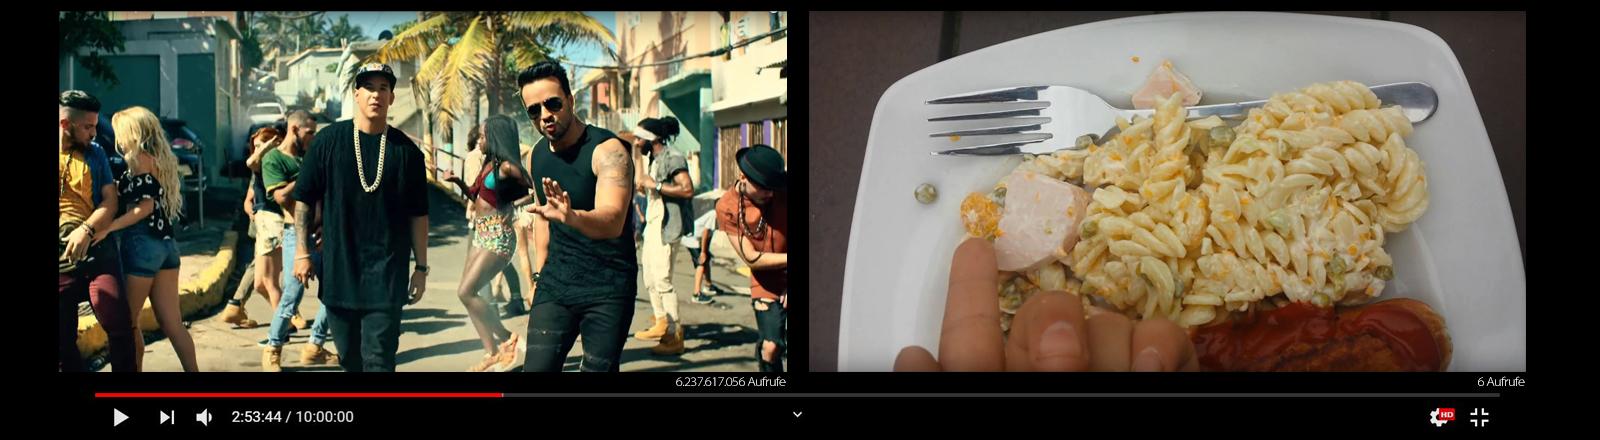 Videostills von Luis Fonsi und einer Bratwurst.